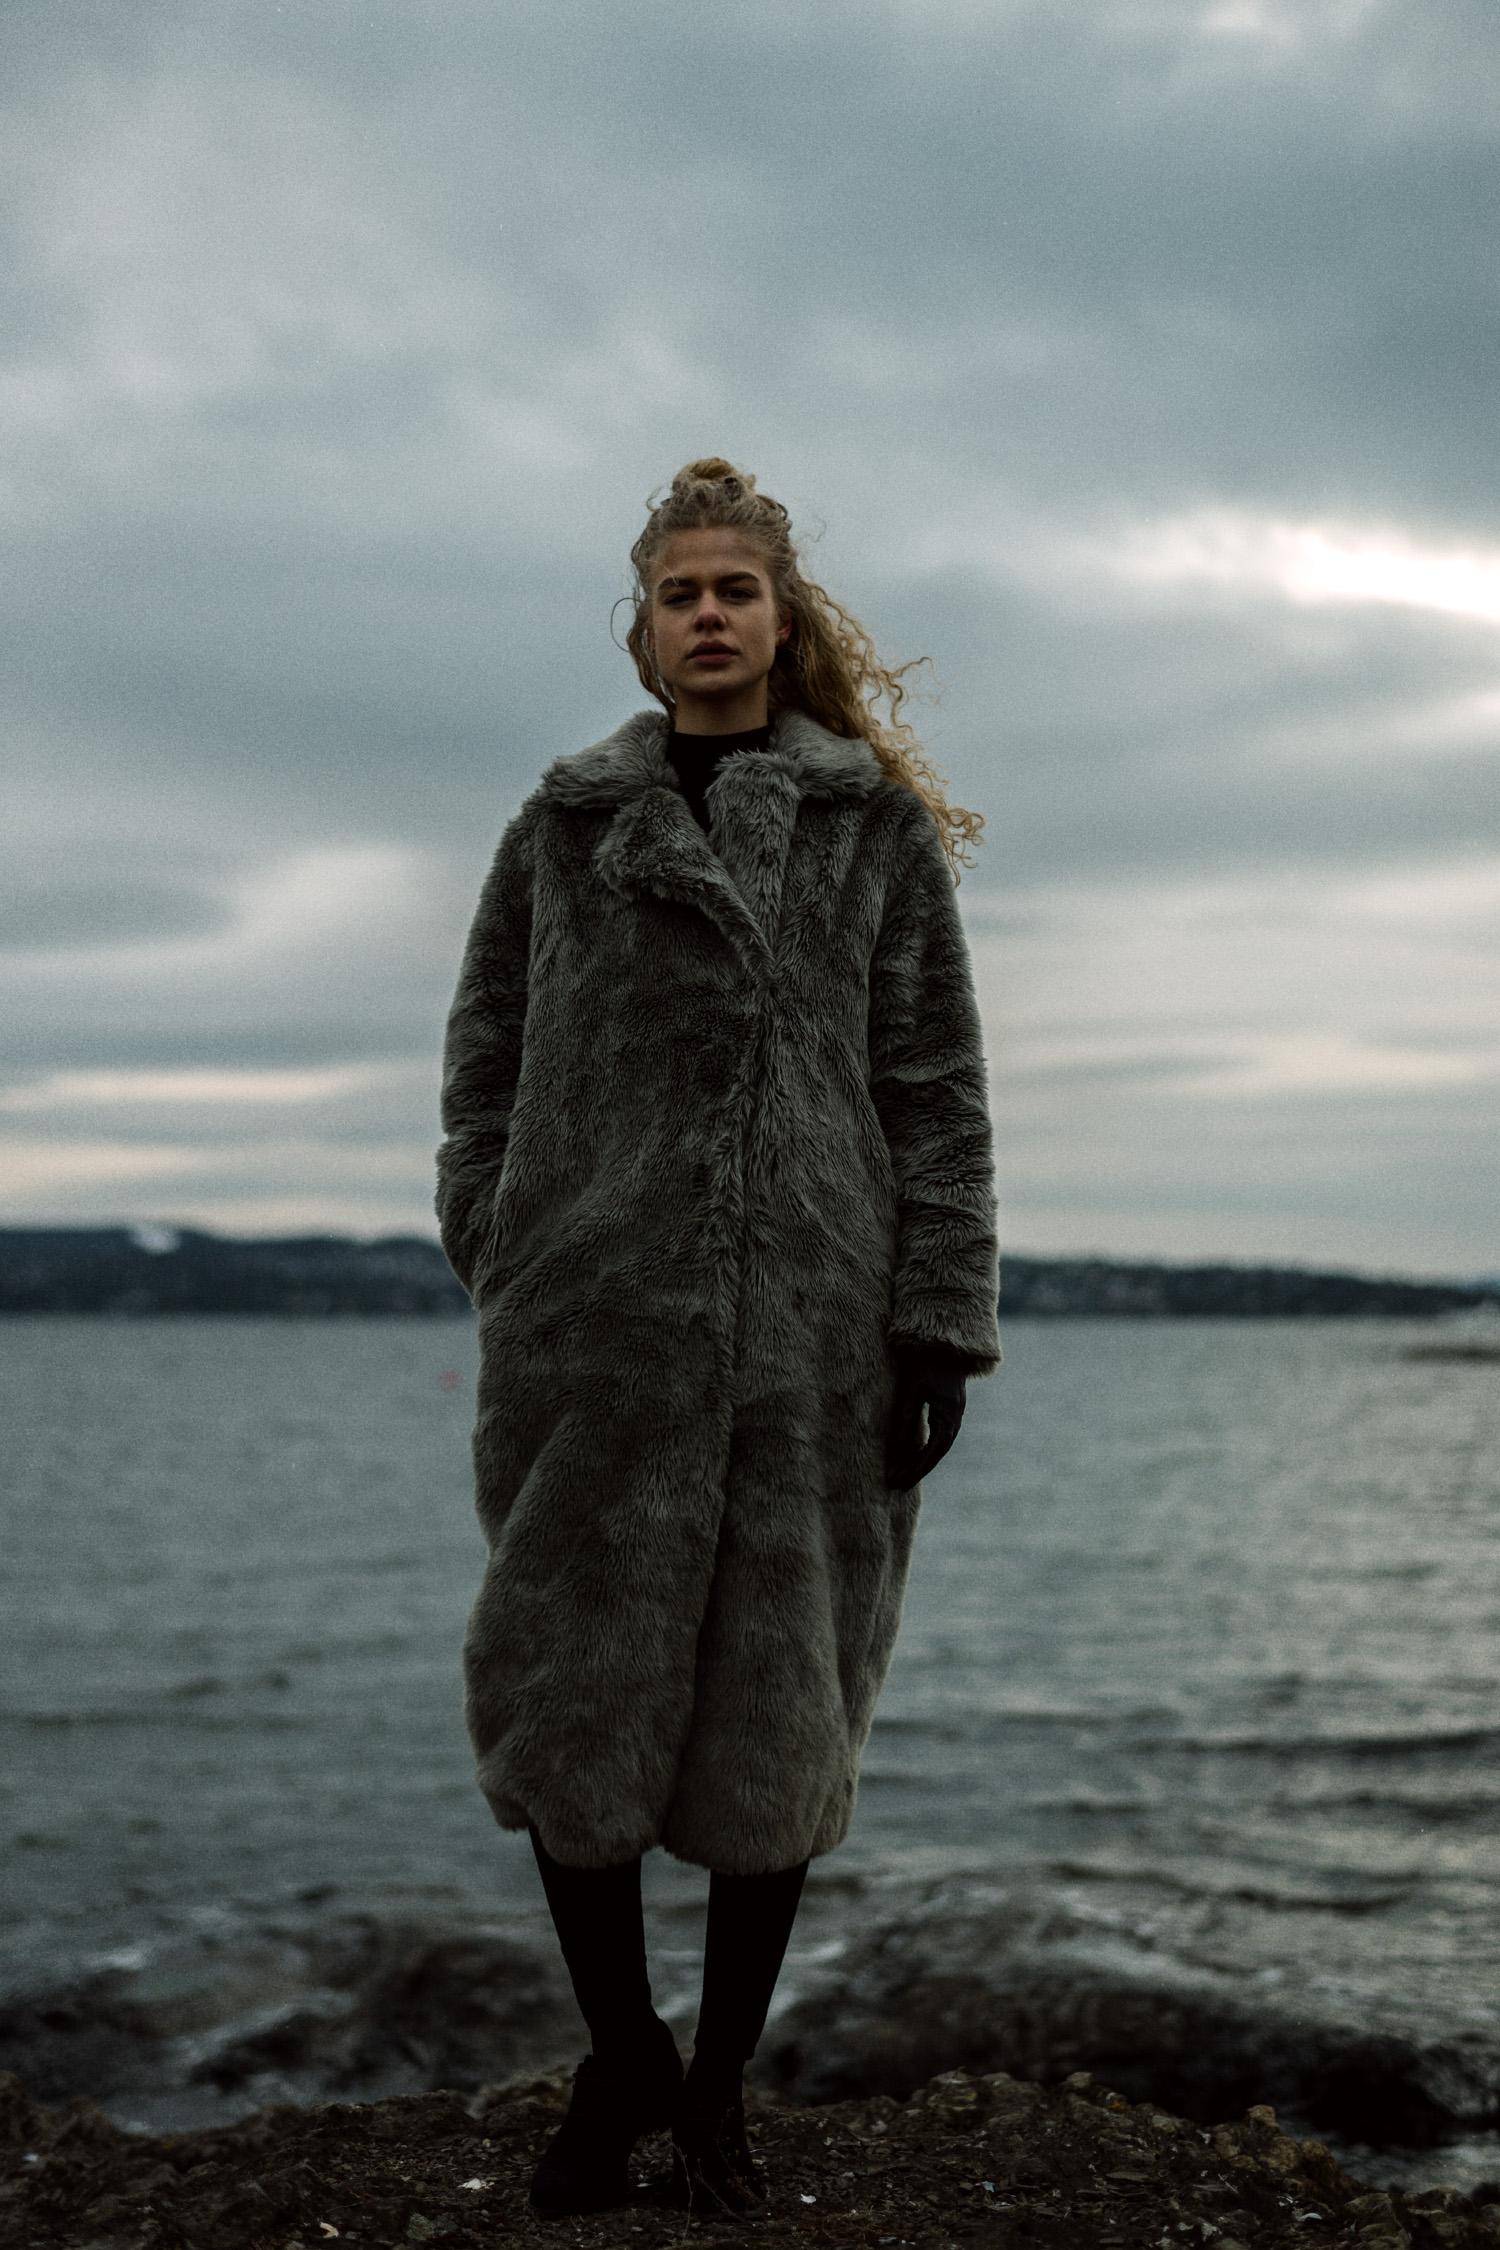 Paul_Schmidt_Photography_Frida_Aasegg_Oslo_01